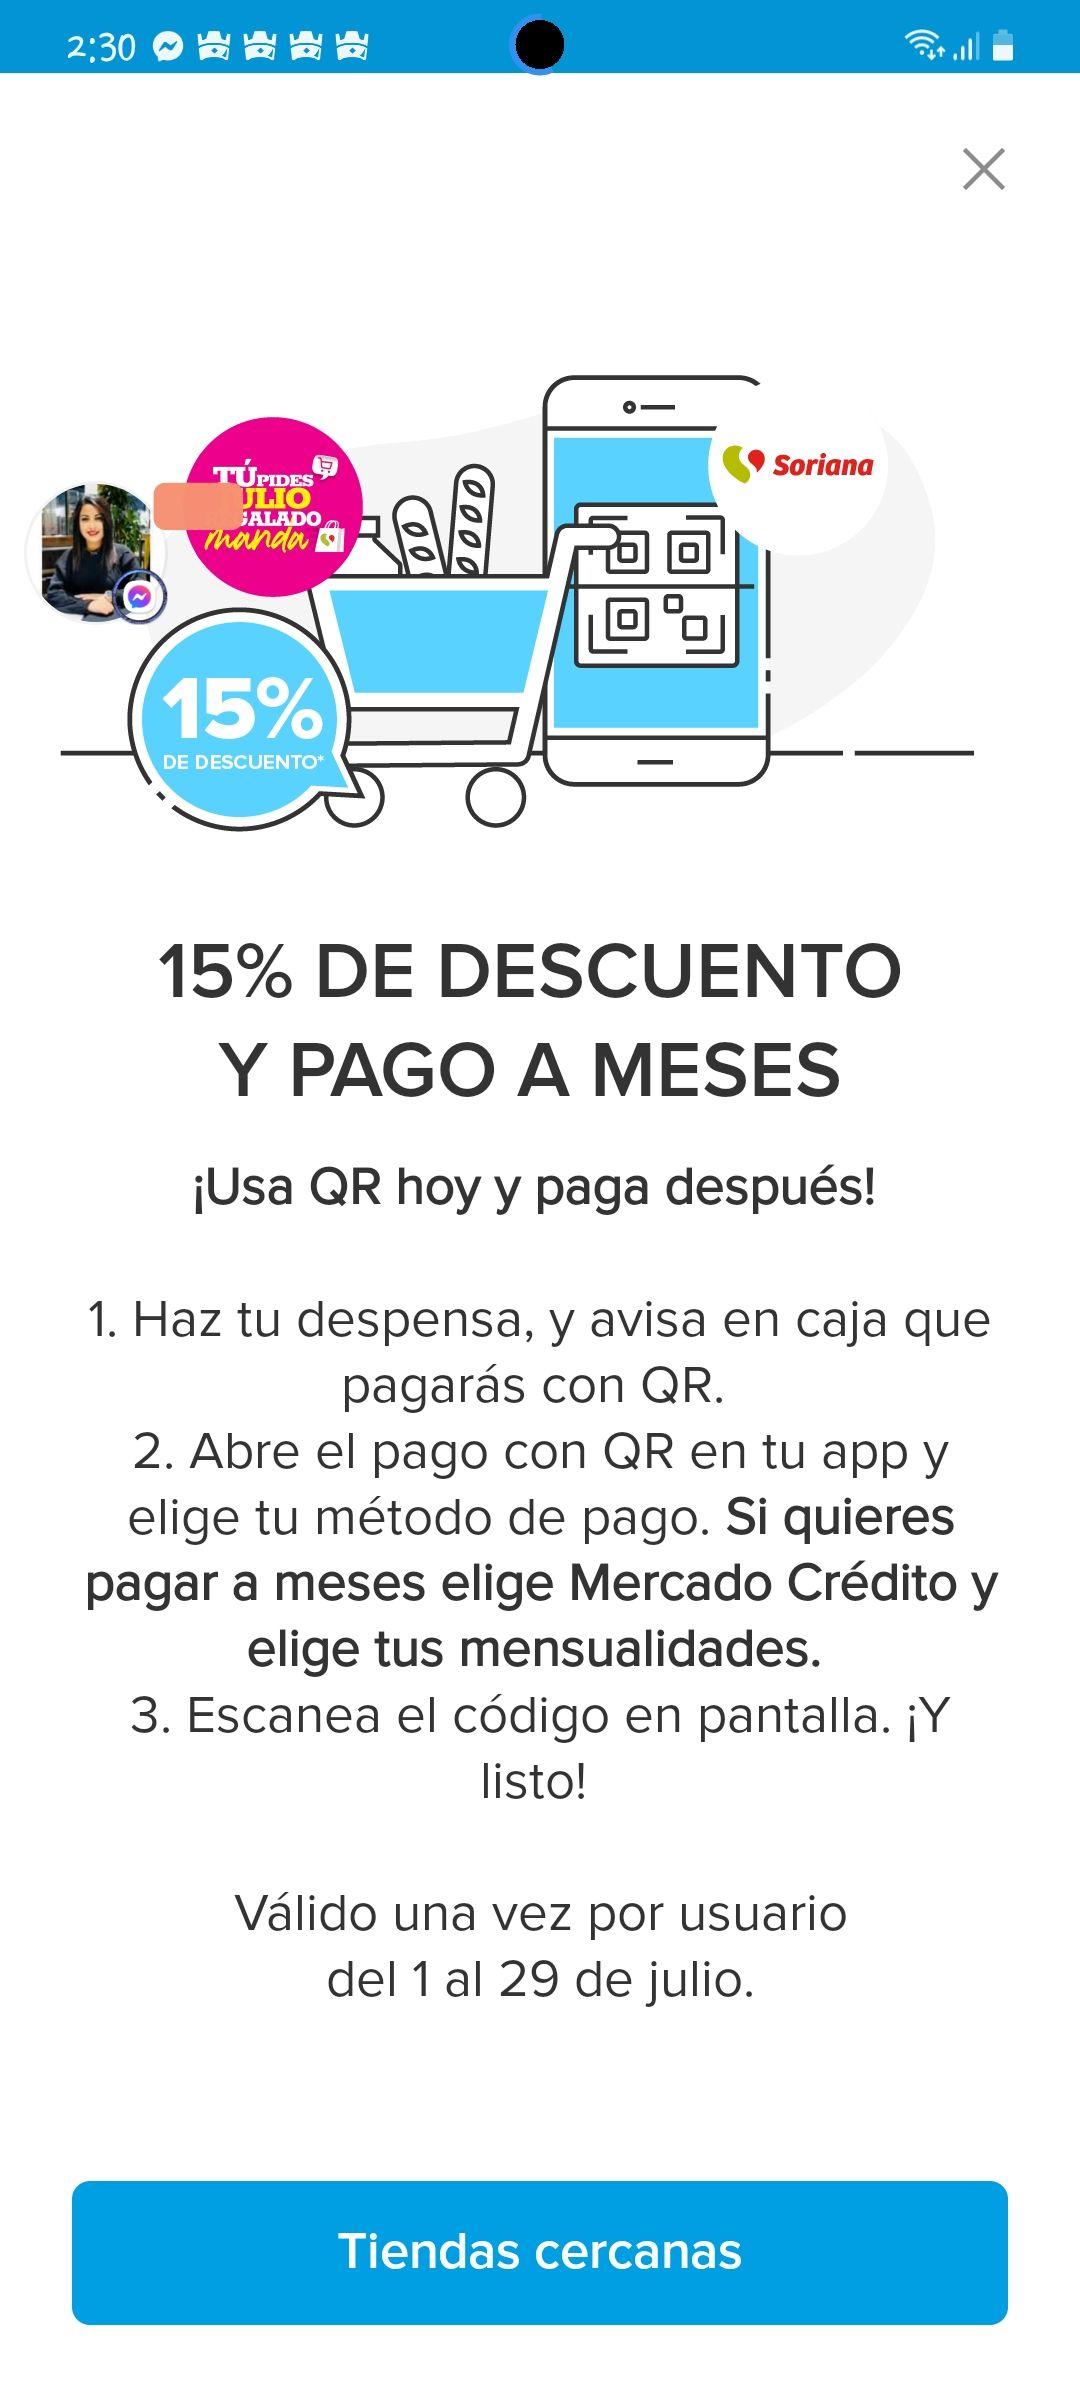 Mercado Pago: 15% de Descuento en Soriana al pagar con QR